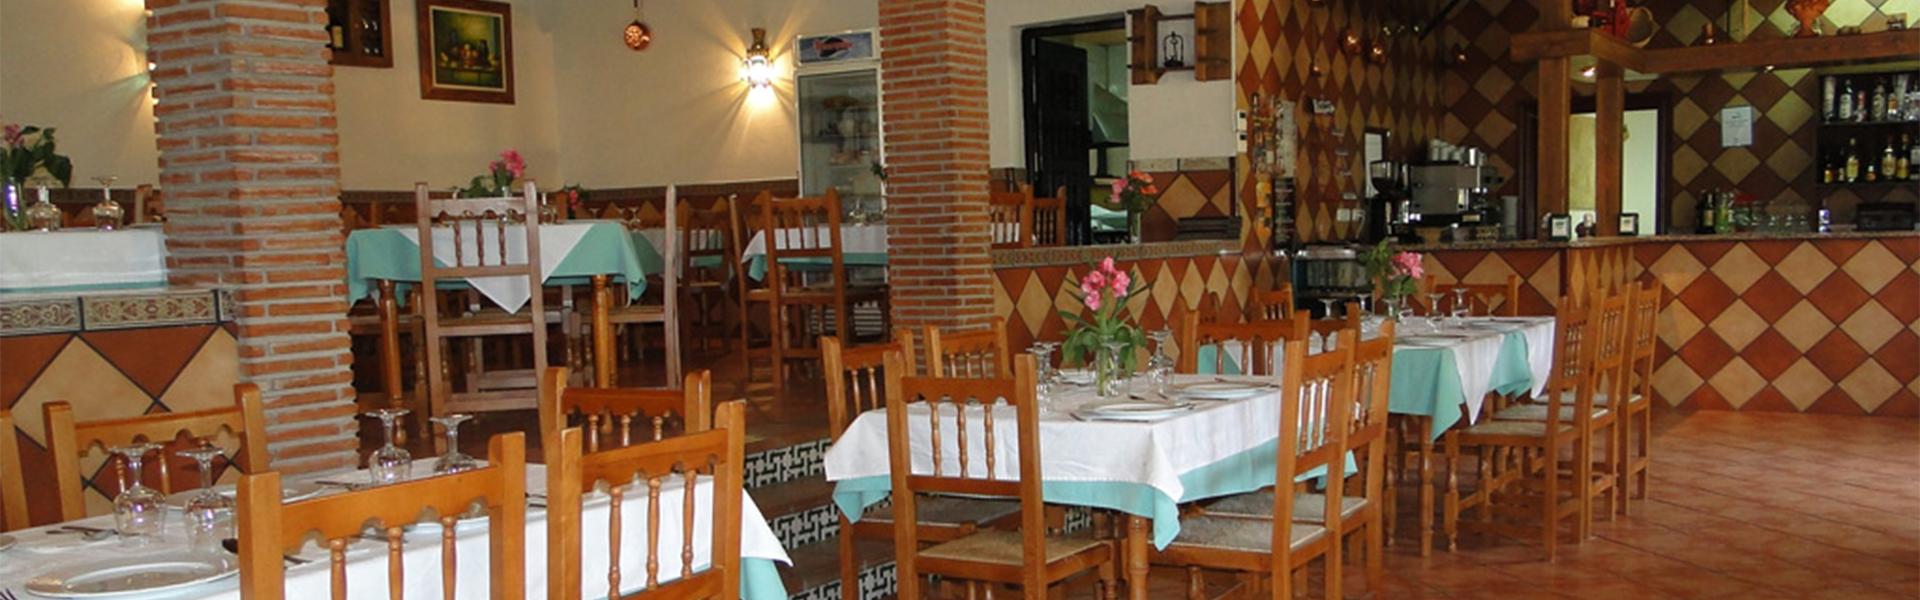 Restaurante El Castillo en Piñar